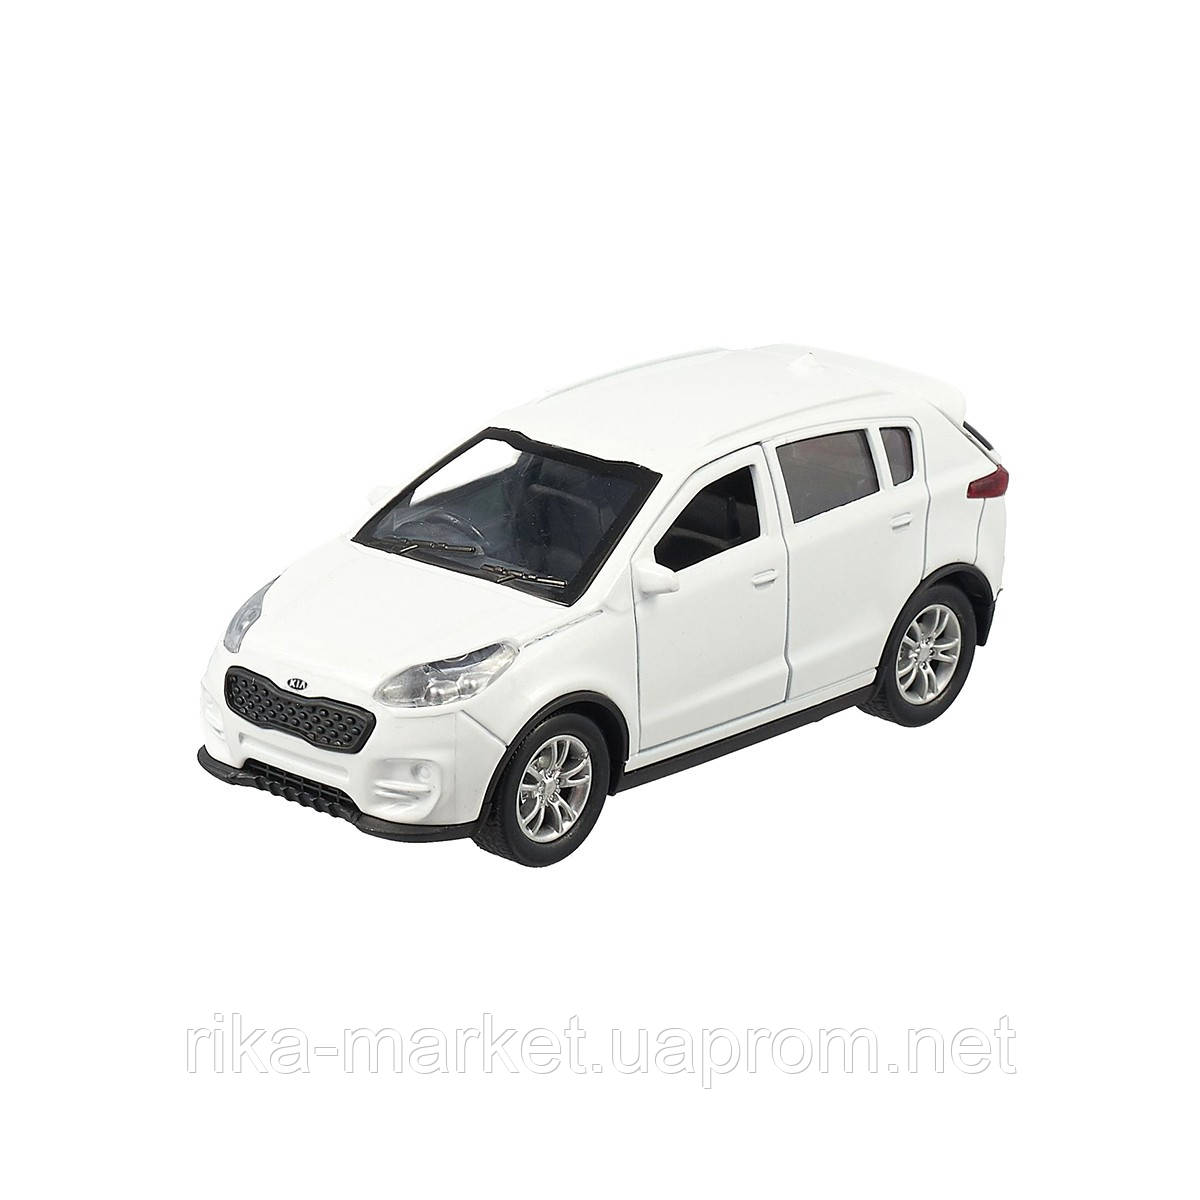 Автомодель - KIA SPORTAGE (1:32, в белый)